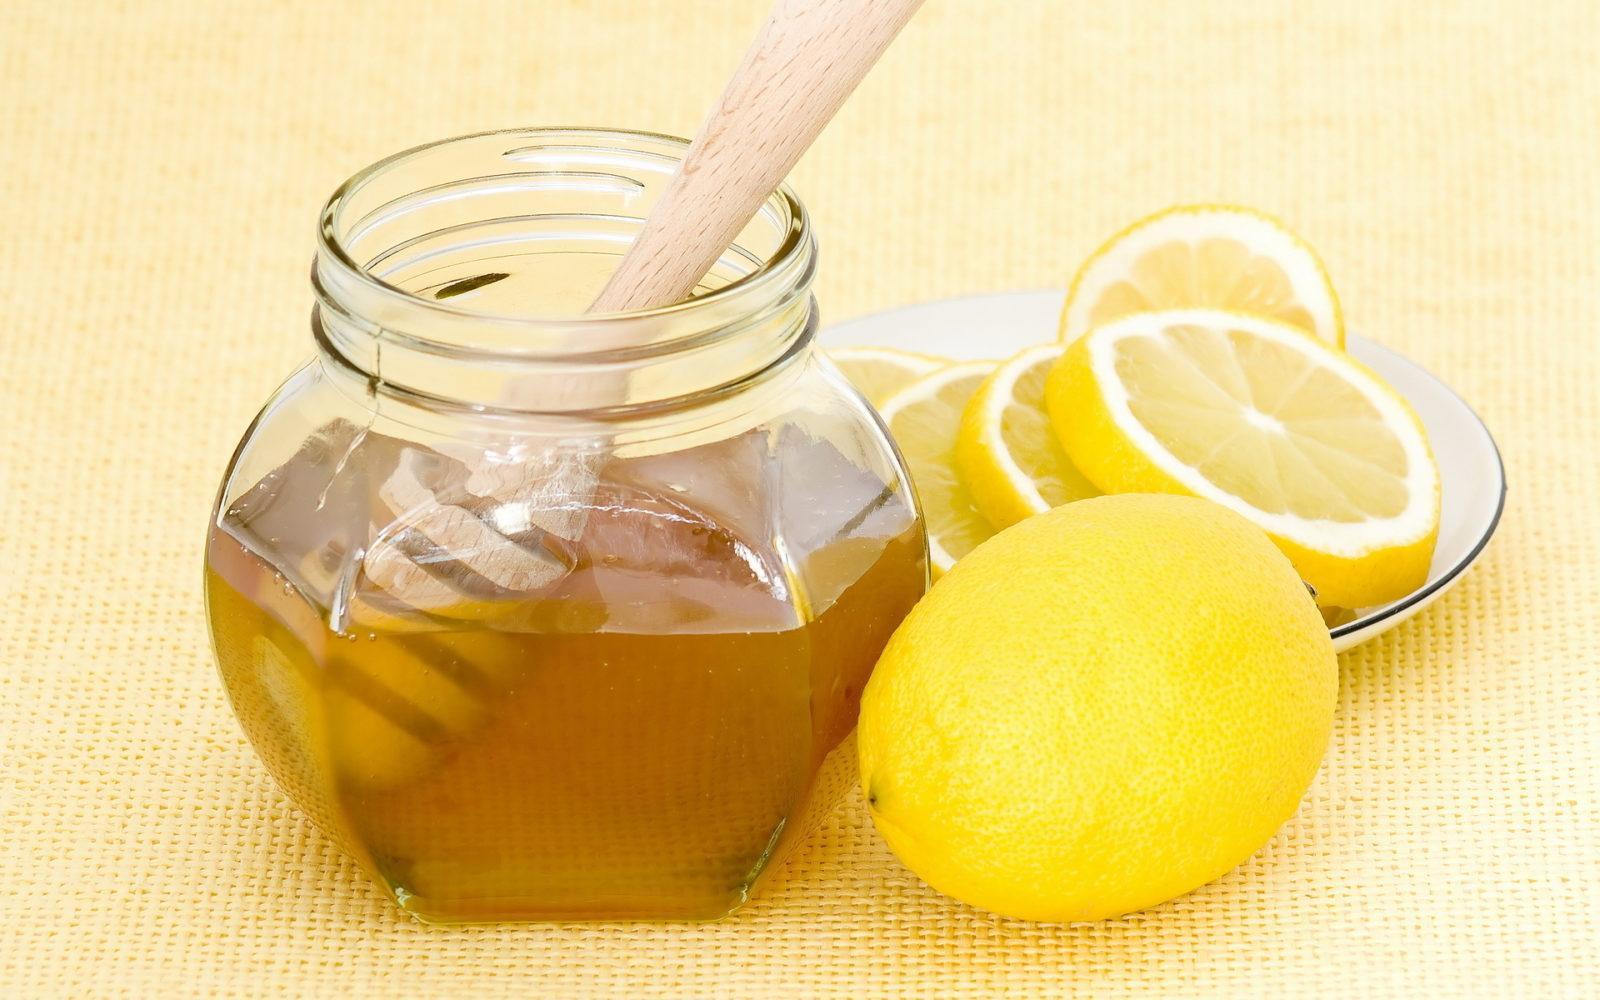 8 средств от простуды, которые могут быть опасными